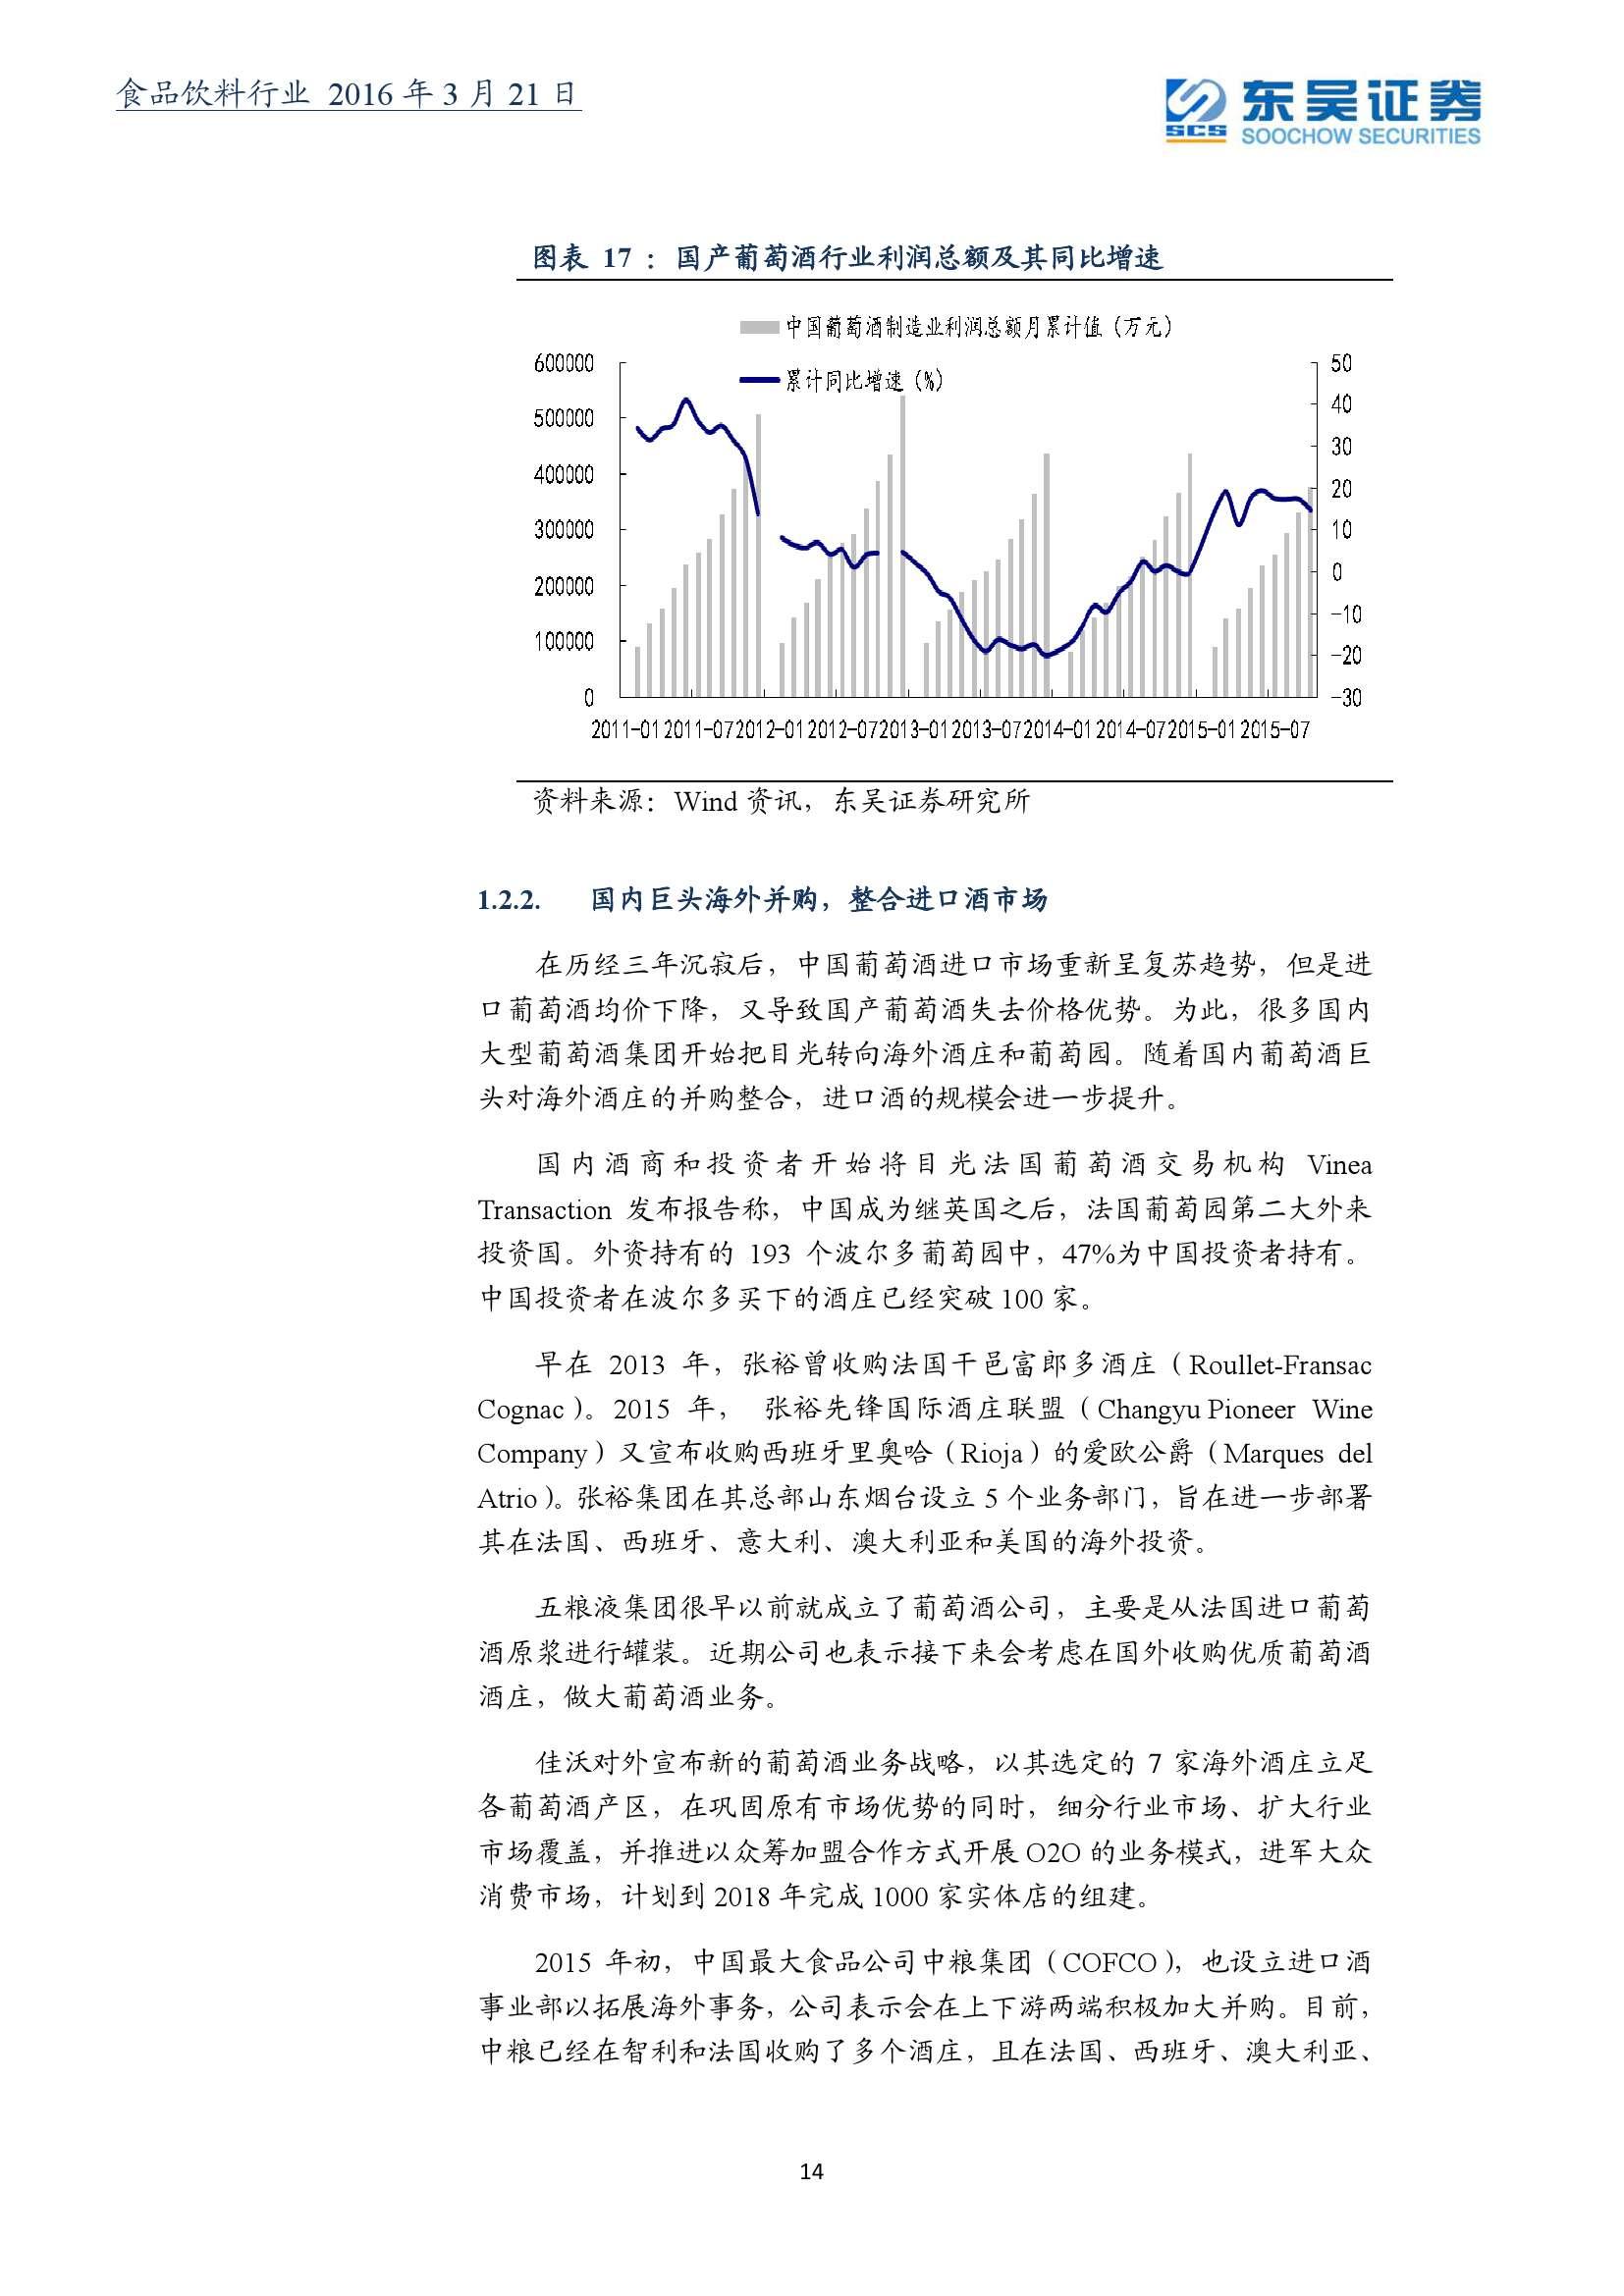 2016年葡萄酒行业深度报告_000014